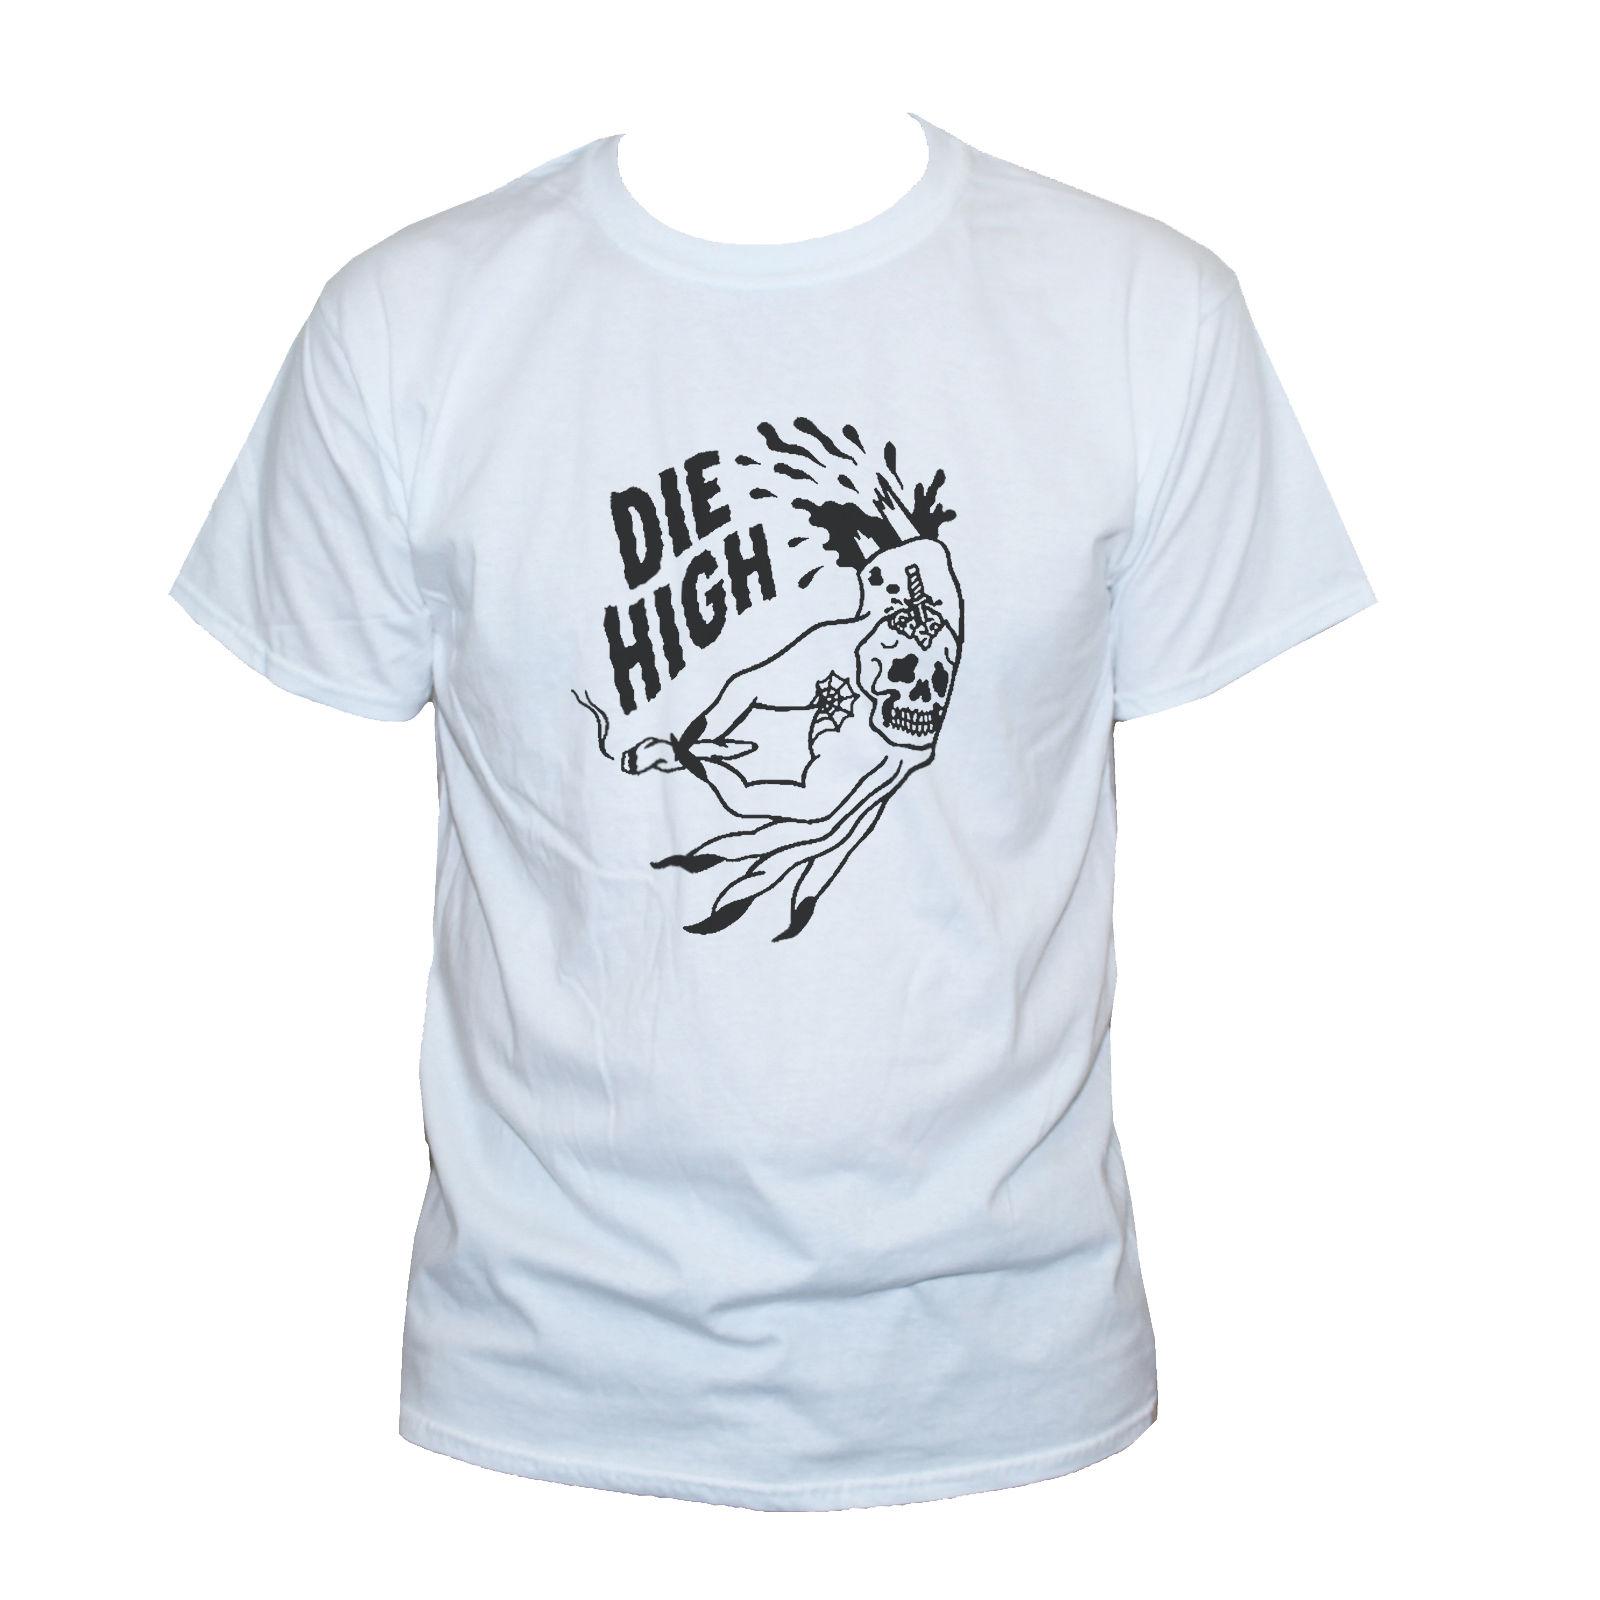 2019 nuevas camisetas DIE HIGH staped SPLIFF WEED camiseta divertida tatuaje Goth estampado con dibujo camiseta hombres 100% algodón marca nueva camisetas